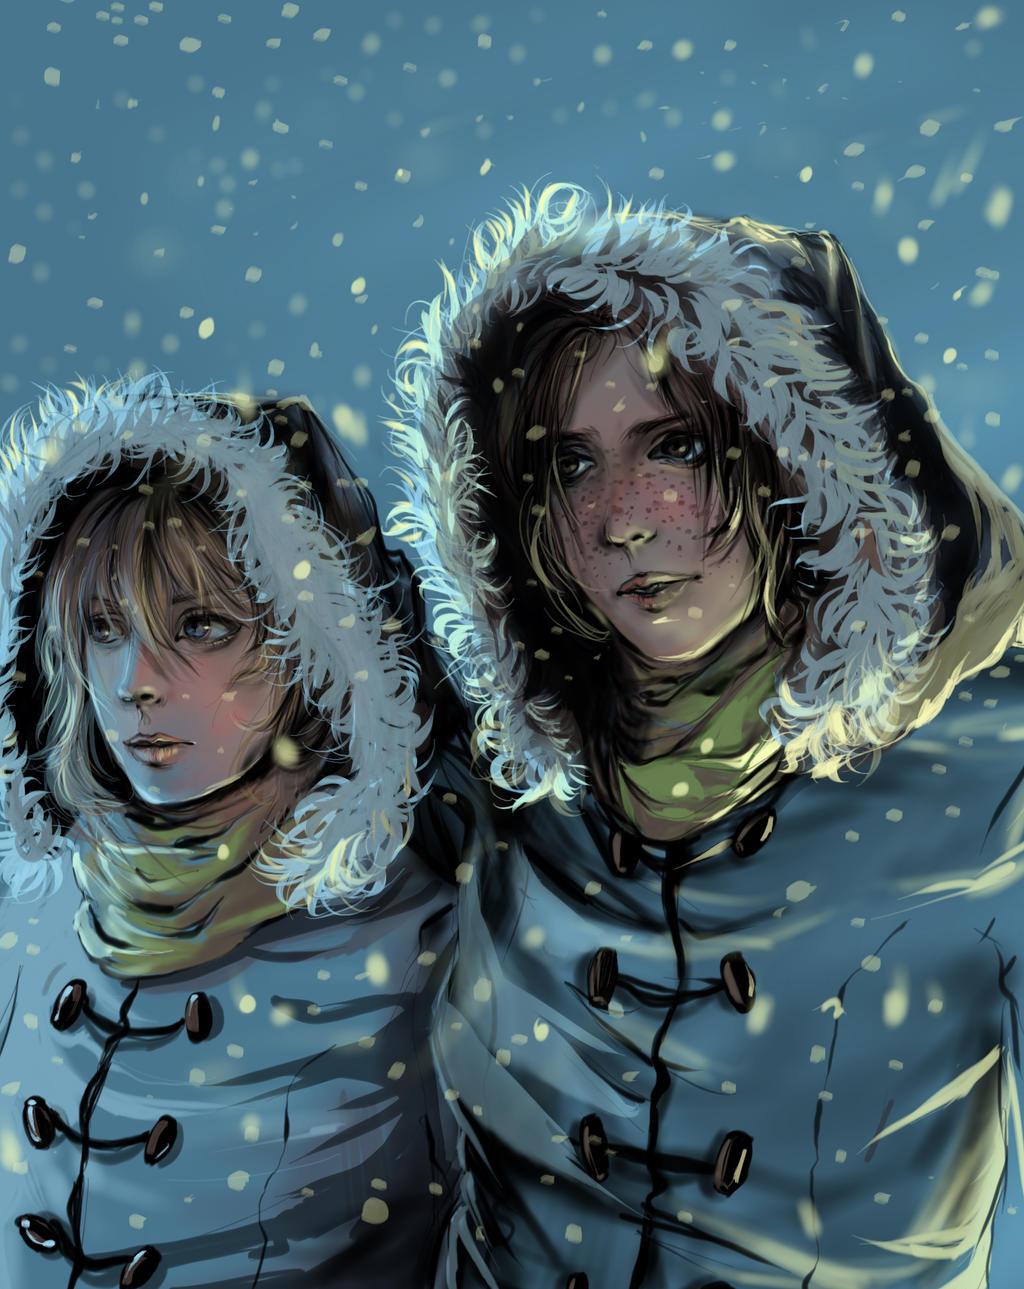 Snowfall by colgatetotal97